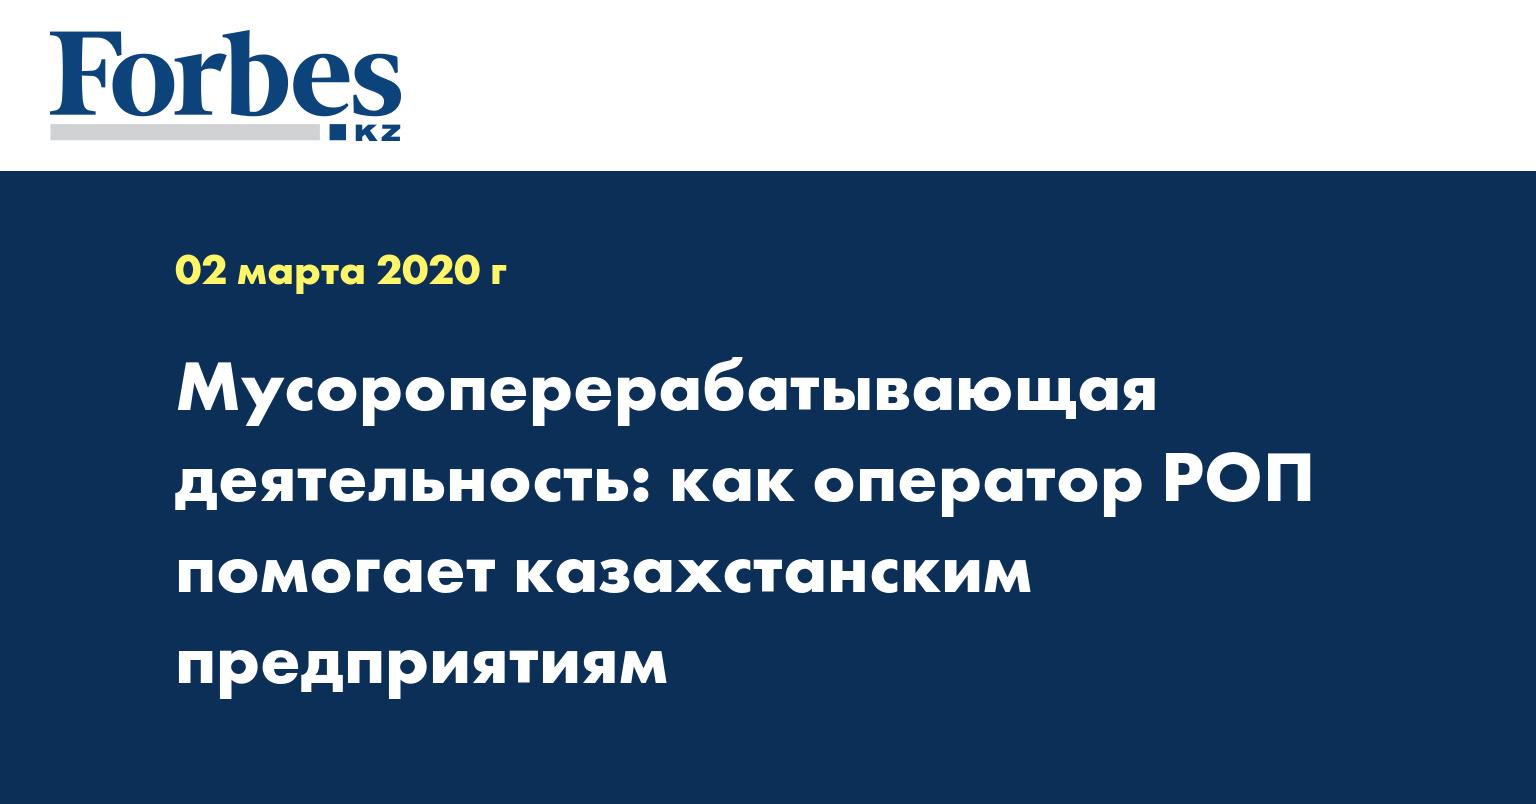 Мусороперерабатывающая деятельность: как оператор РОП помогает казахстанским предприятиям